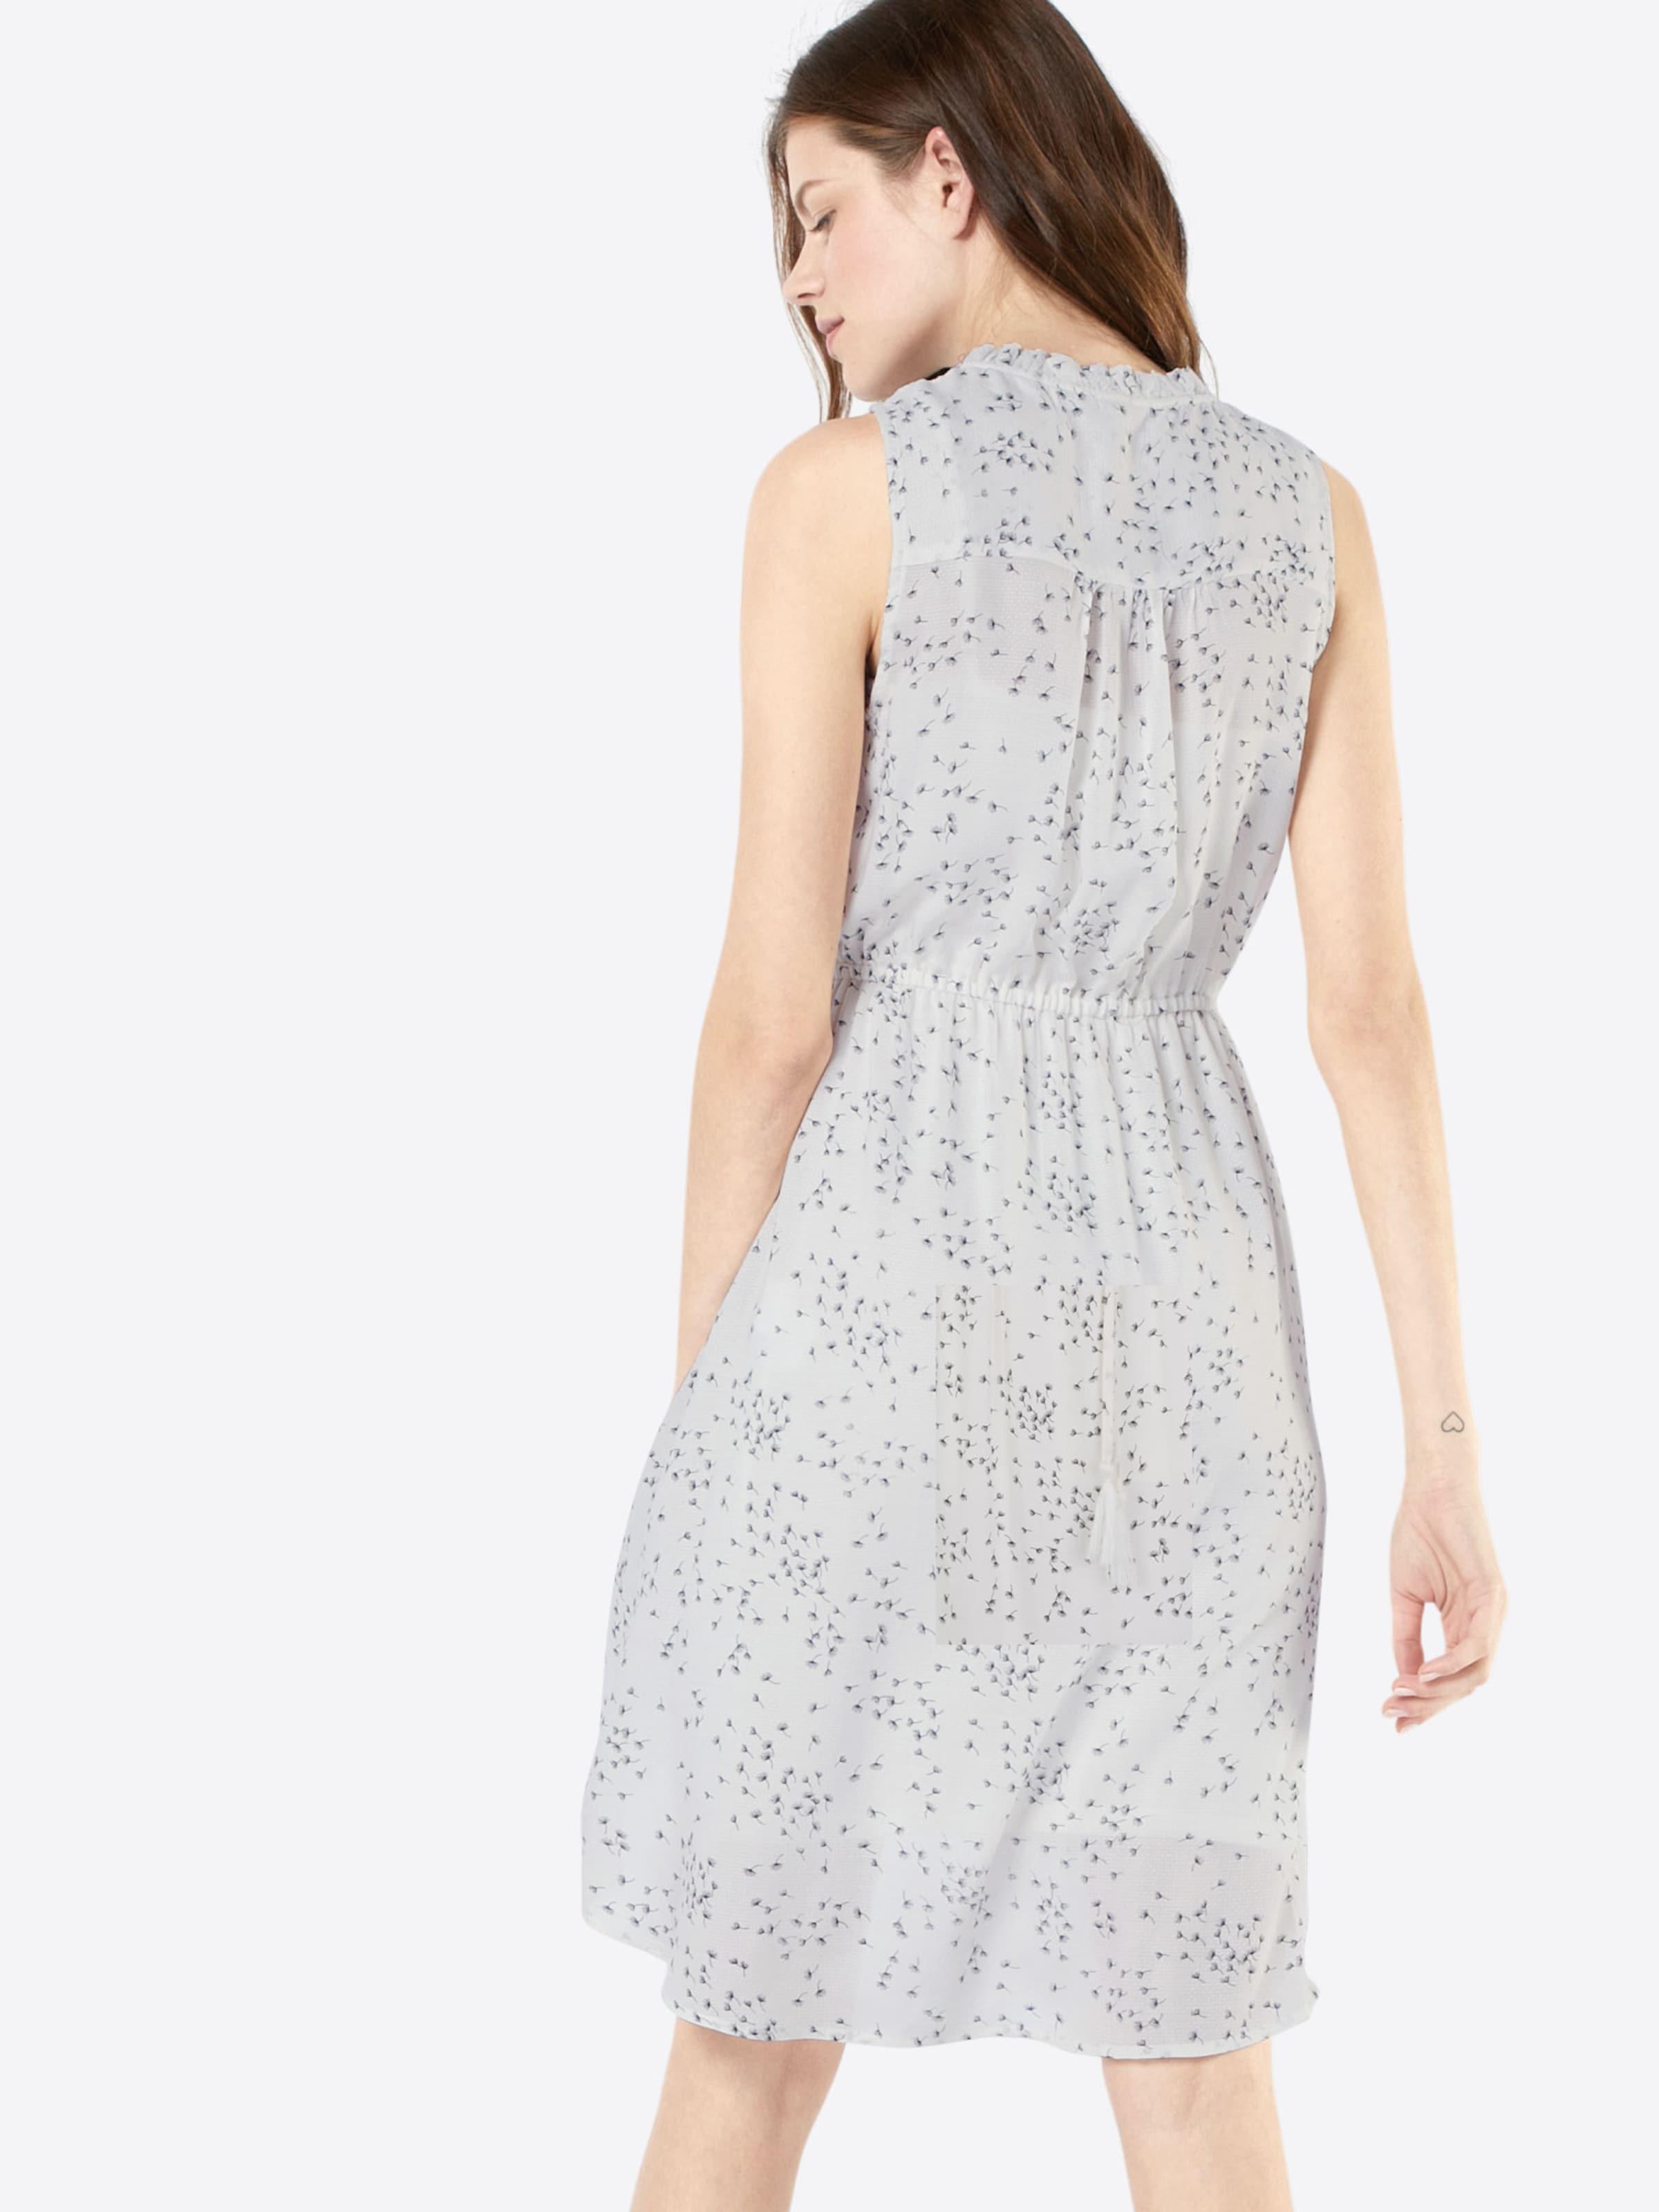 Niedriger Preis Versandkosten Für Online Günstiger Preis Großhandelspreis Soyaconcept Ärmelloses Kleid 'Thit 3' Die Billigsten Erhalten Authentisch Günstig Online Steckdose Reihenfolge 4QTJUPOeJ